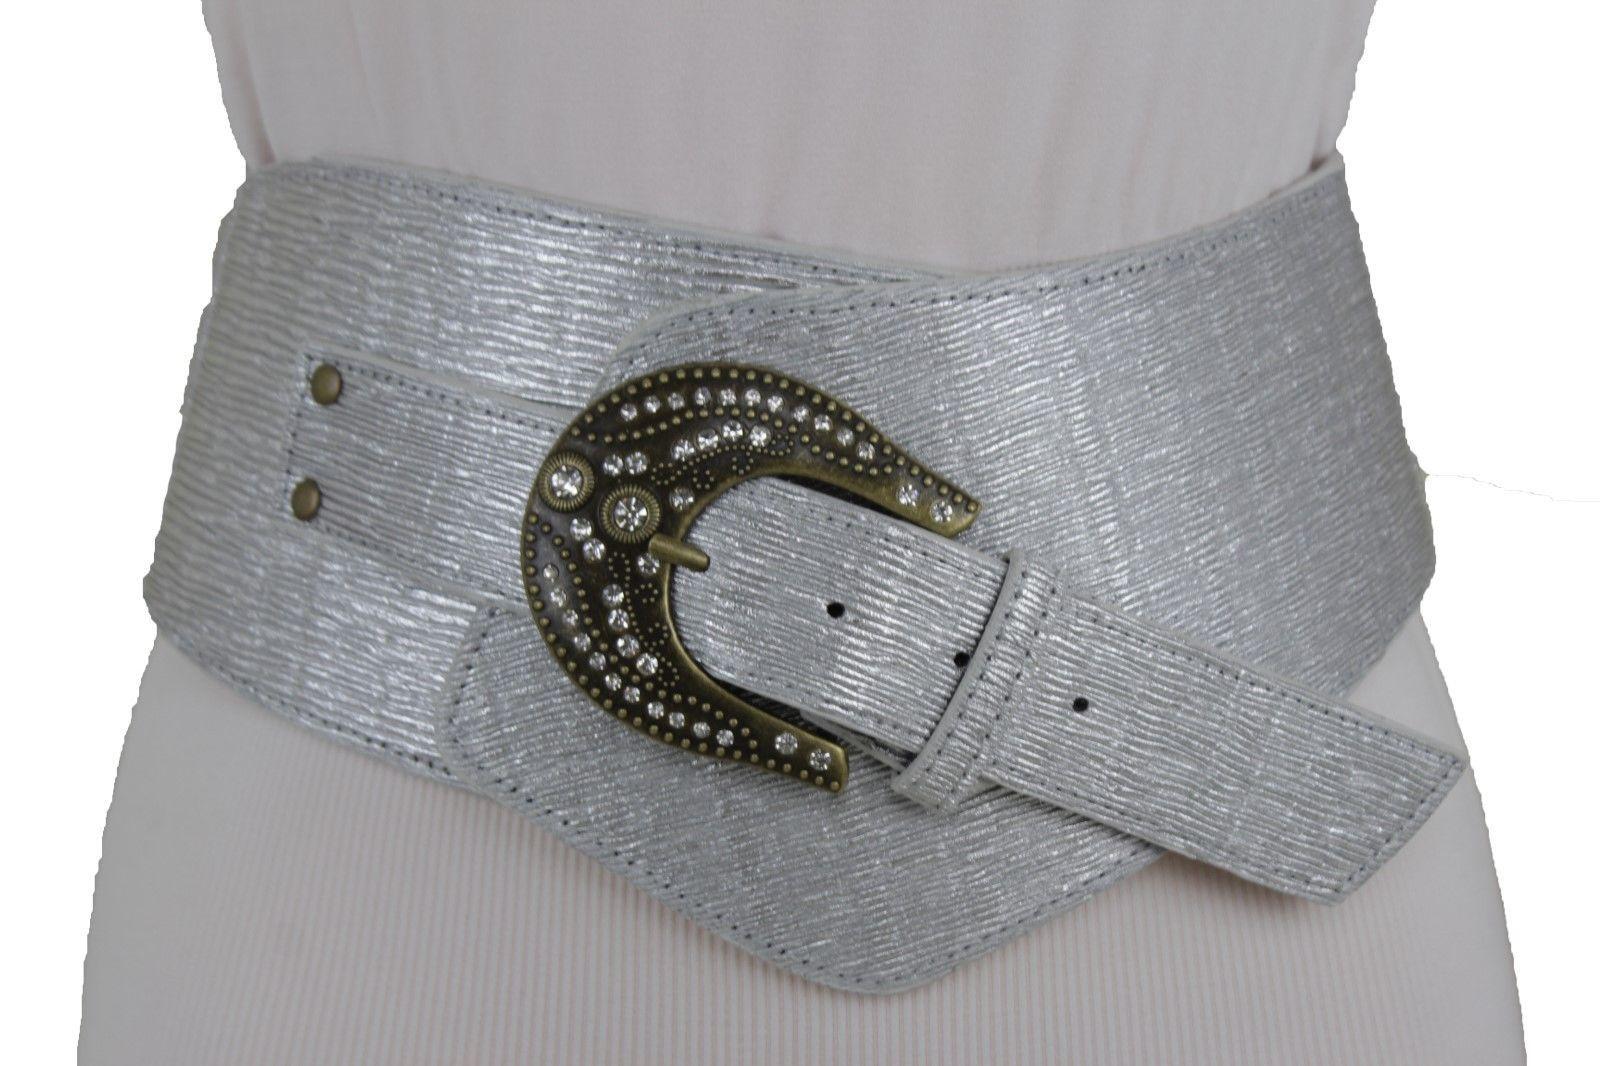 Damen Silber Kunstleder Breit West Modischer Gürtel Groß Perlen Schnalle